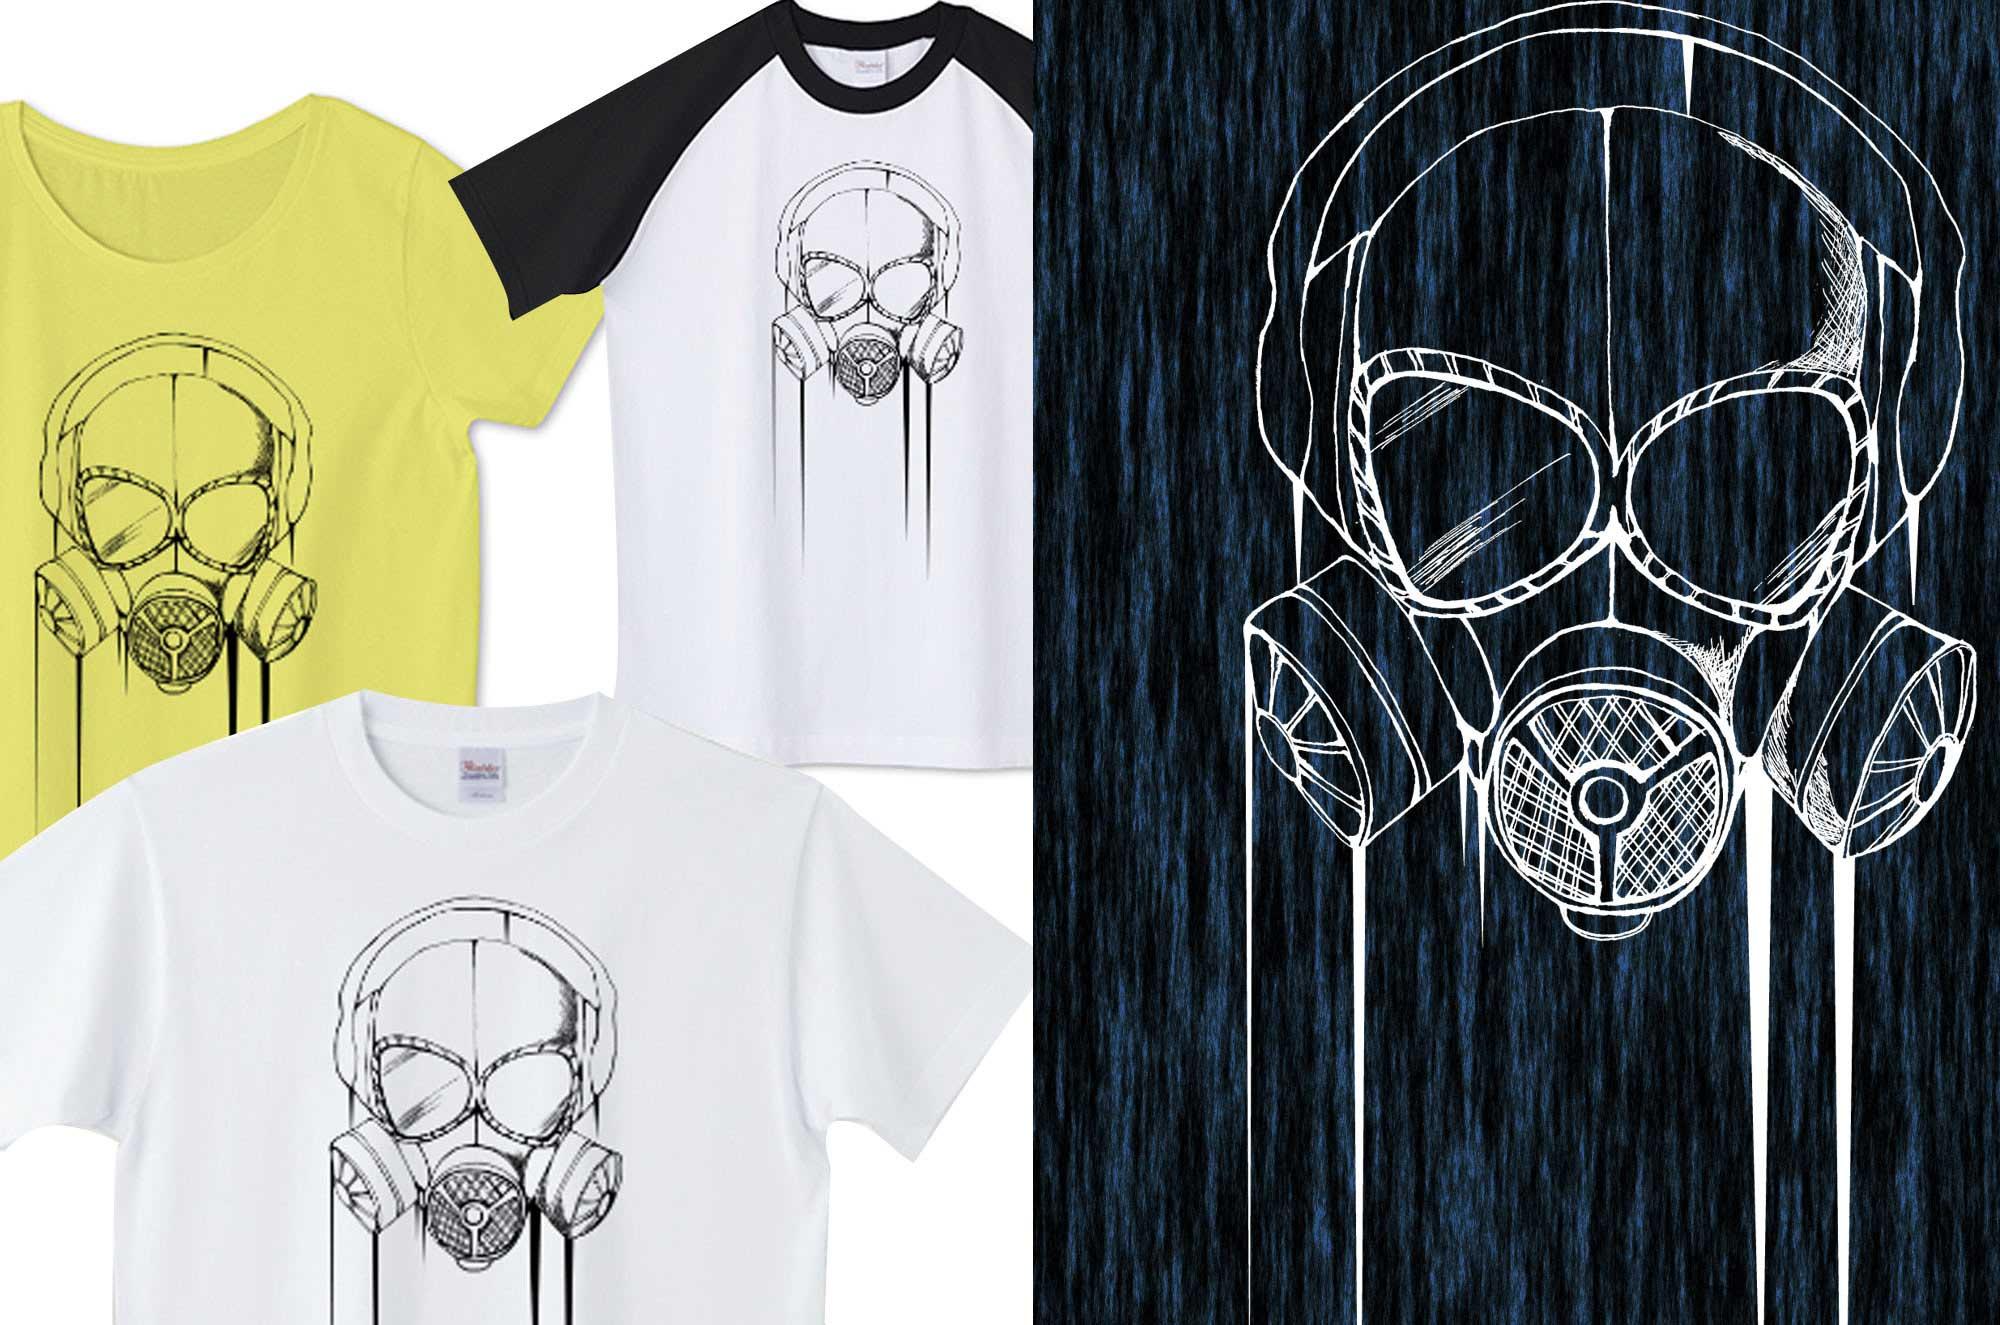 ガスマスクミリタリーTシャツ - 手書きデザイン